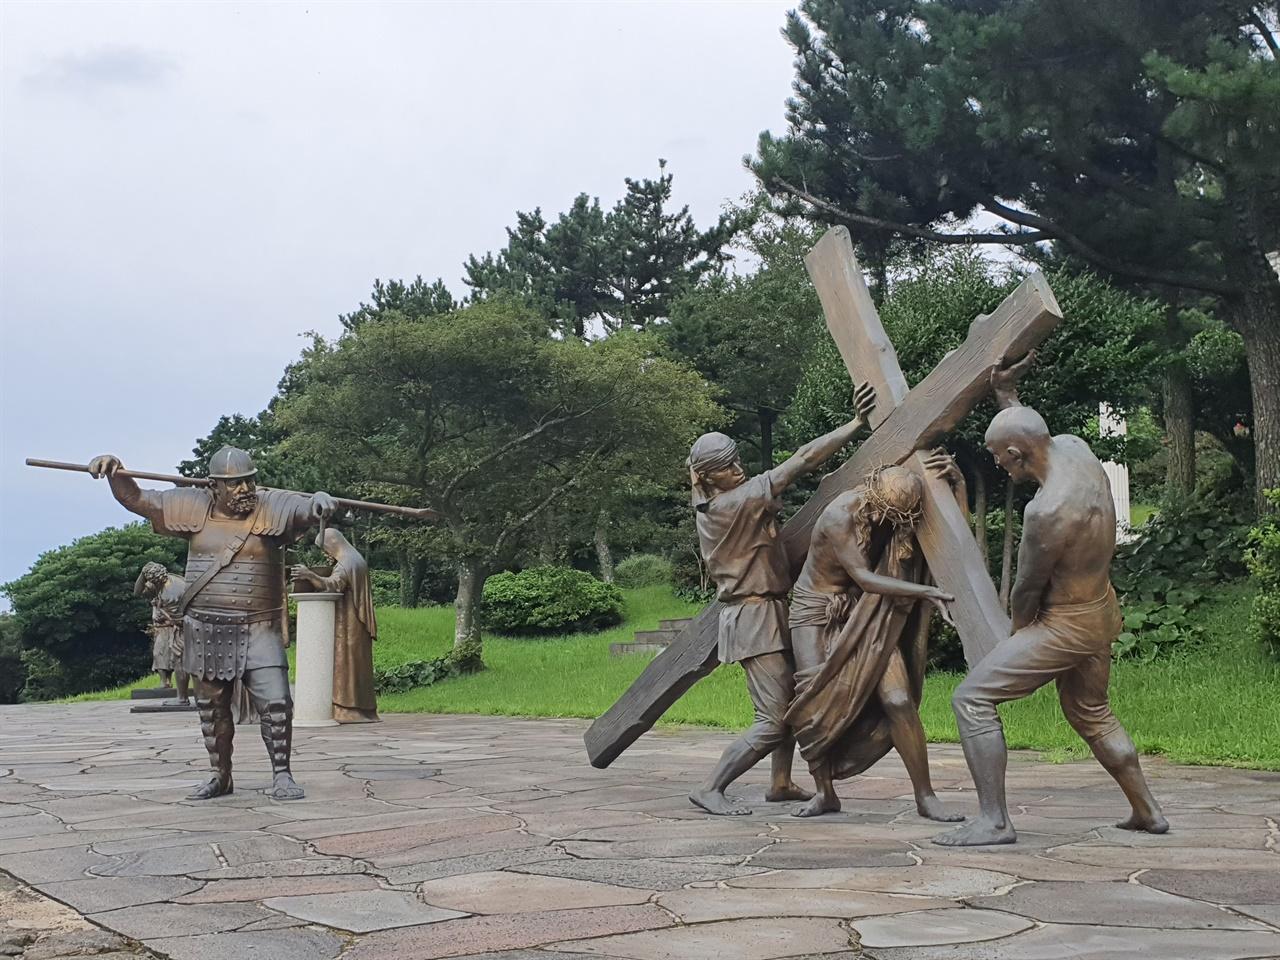 십자가의 길 새미 은총의 동산에는 예수가 사형선고를 받고 십자가에 처형되기까지의 14 장면을 생생하게 재현해놓았다.